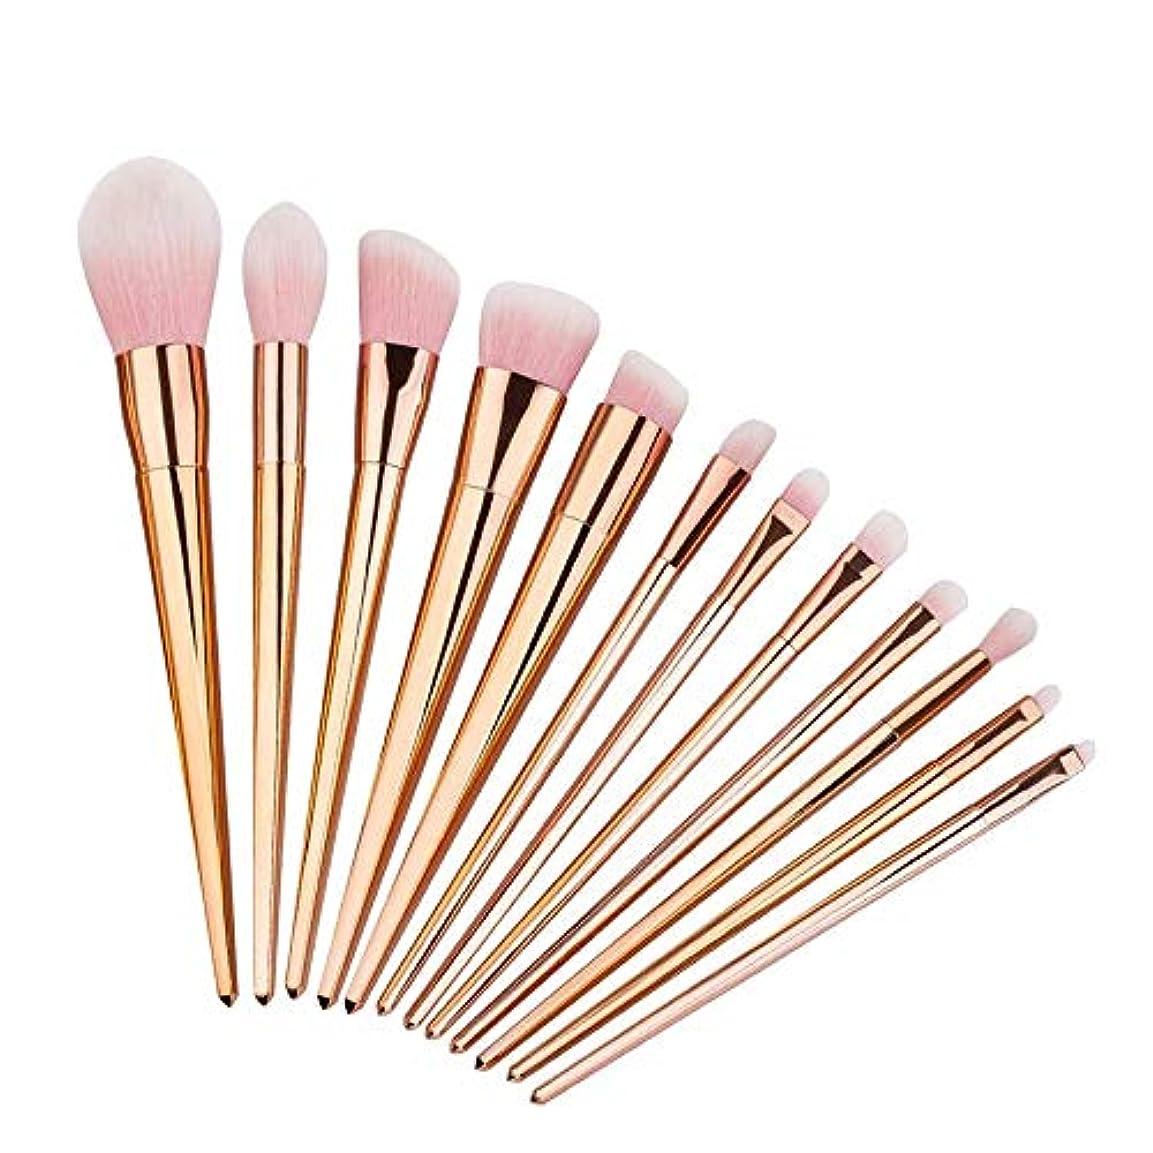 甥日曜日憂鬱プロフェッショナル メイクブラシ 化粧筆 シリーズ 化粧ブラシセット 高級タクロン 超柔らかい 可愛い リップブラシツール 12本セット